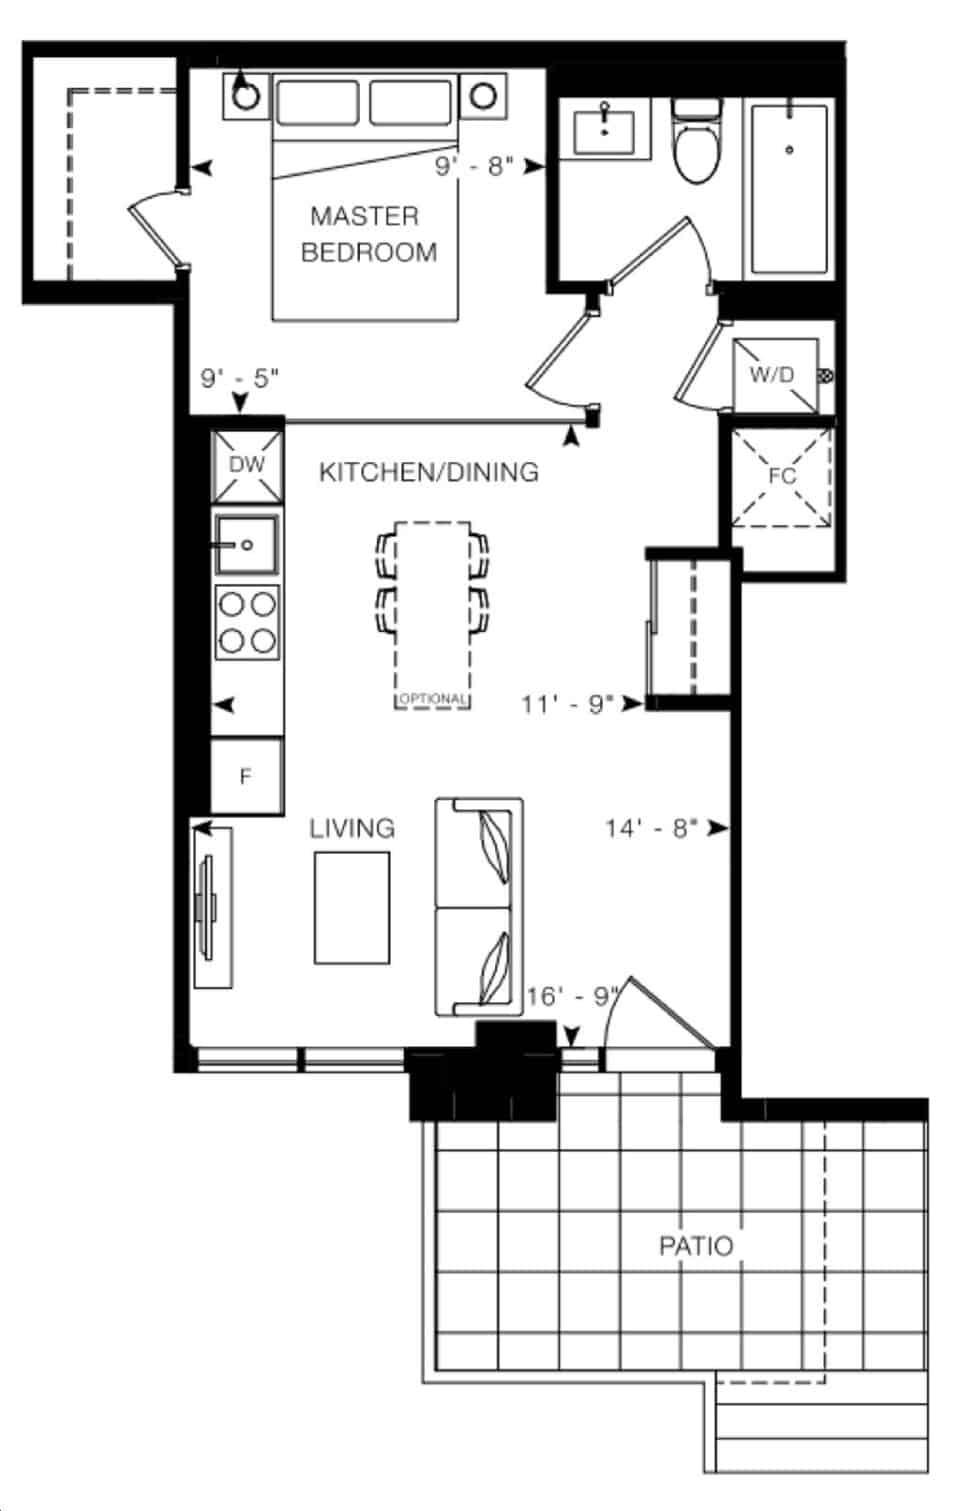 Arte Condos Vermeer floorplan v15 full